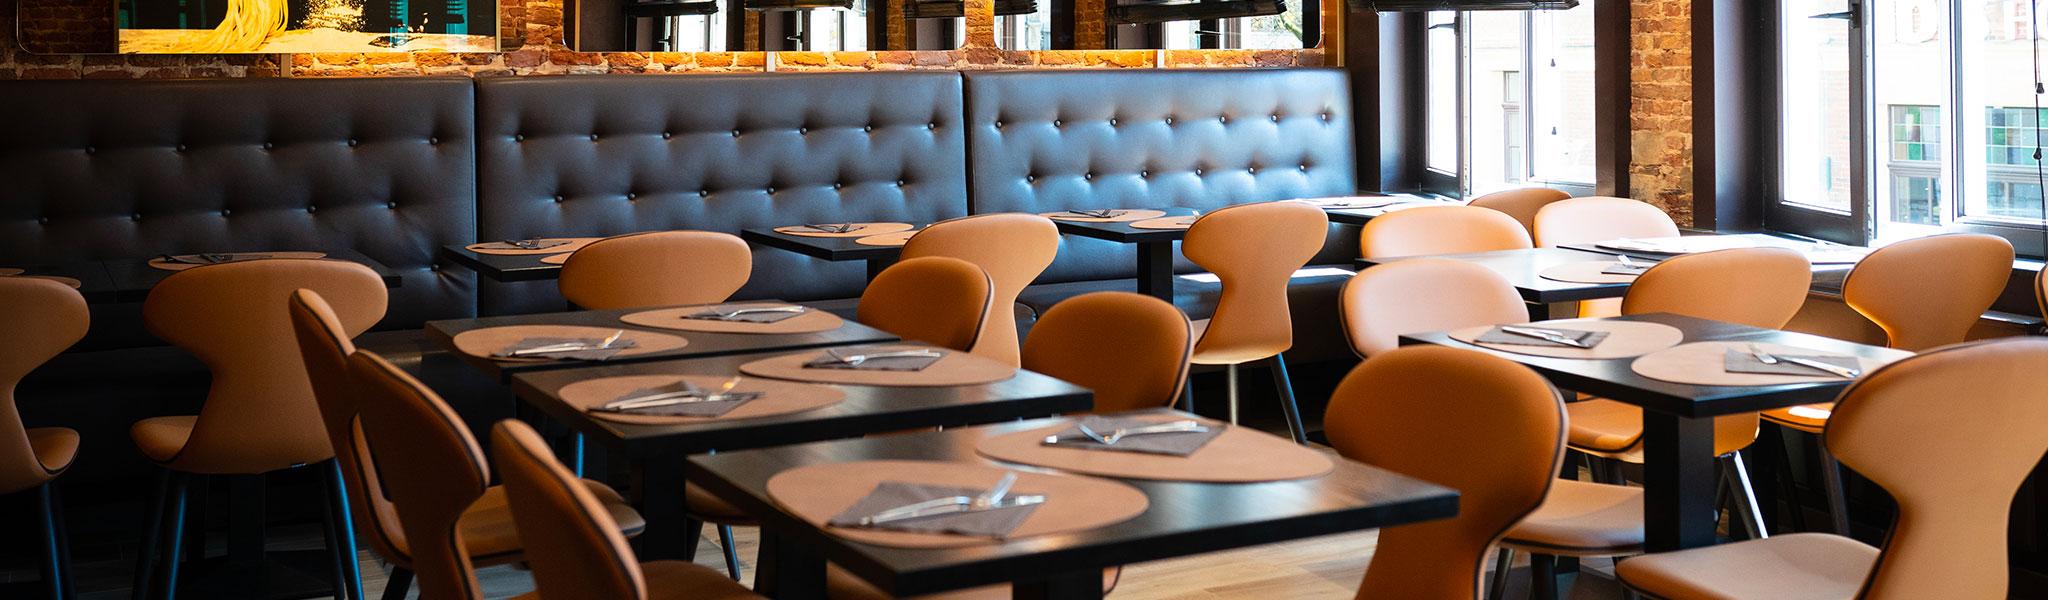 Salle chaleureuse et moderne de Pasta Divina